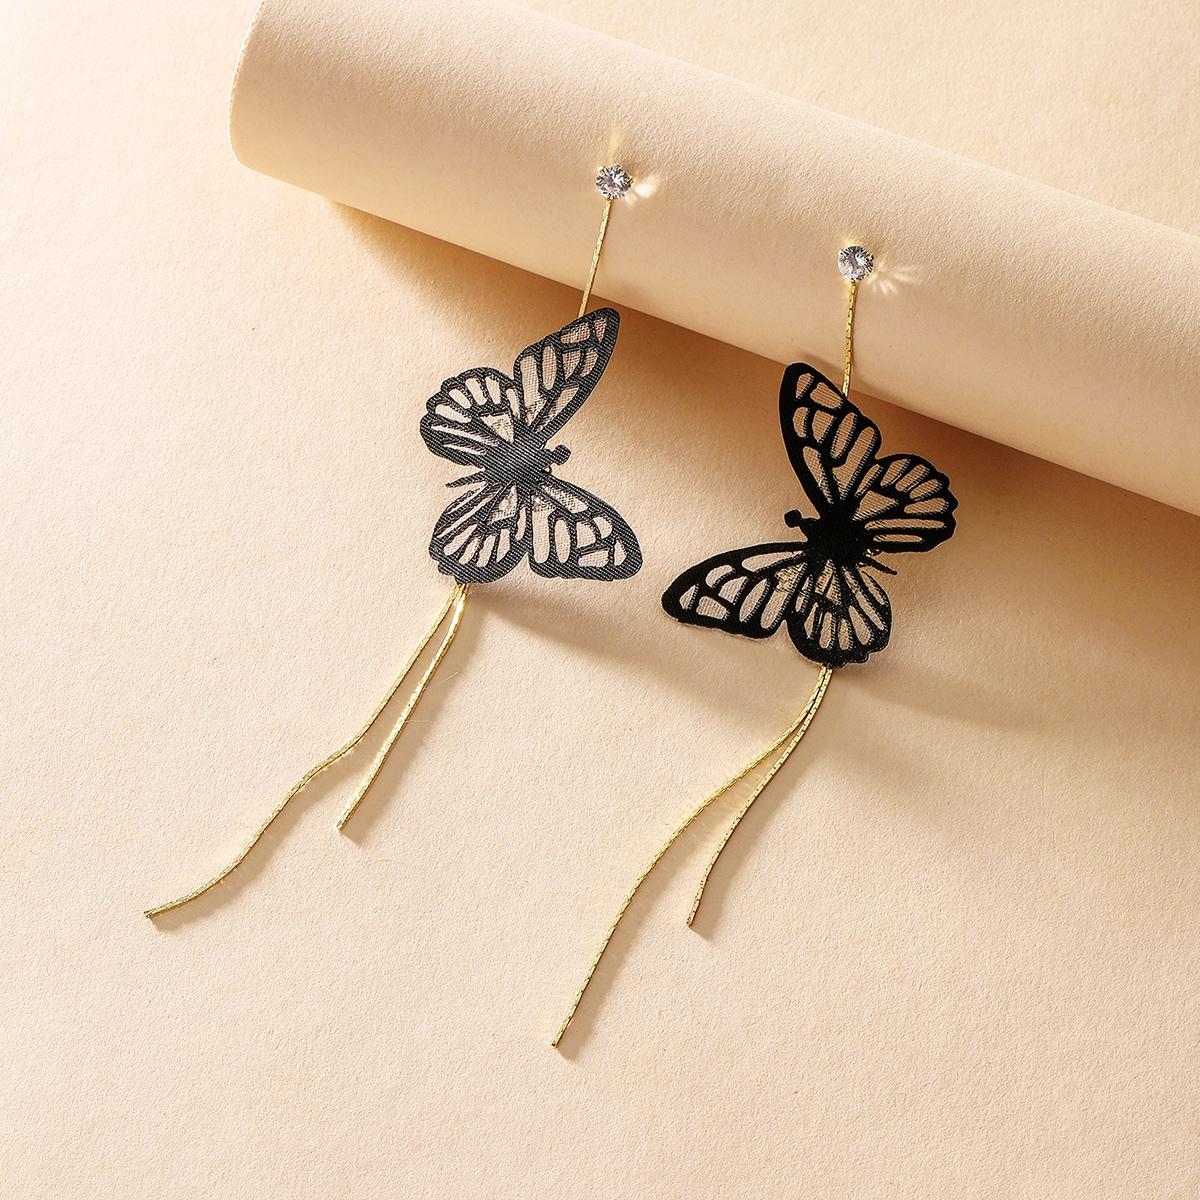 Серьги-подвесски с бабочкой фото